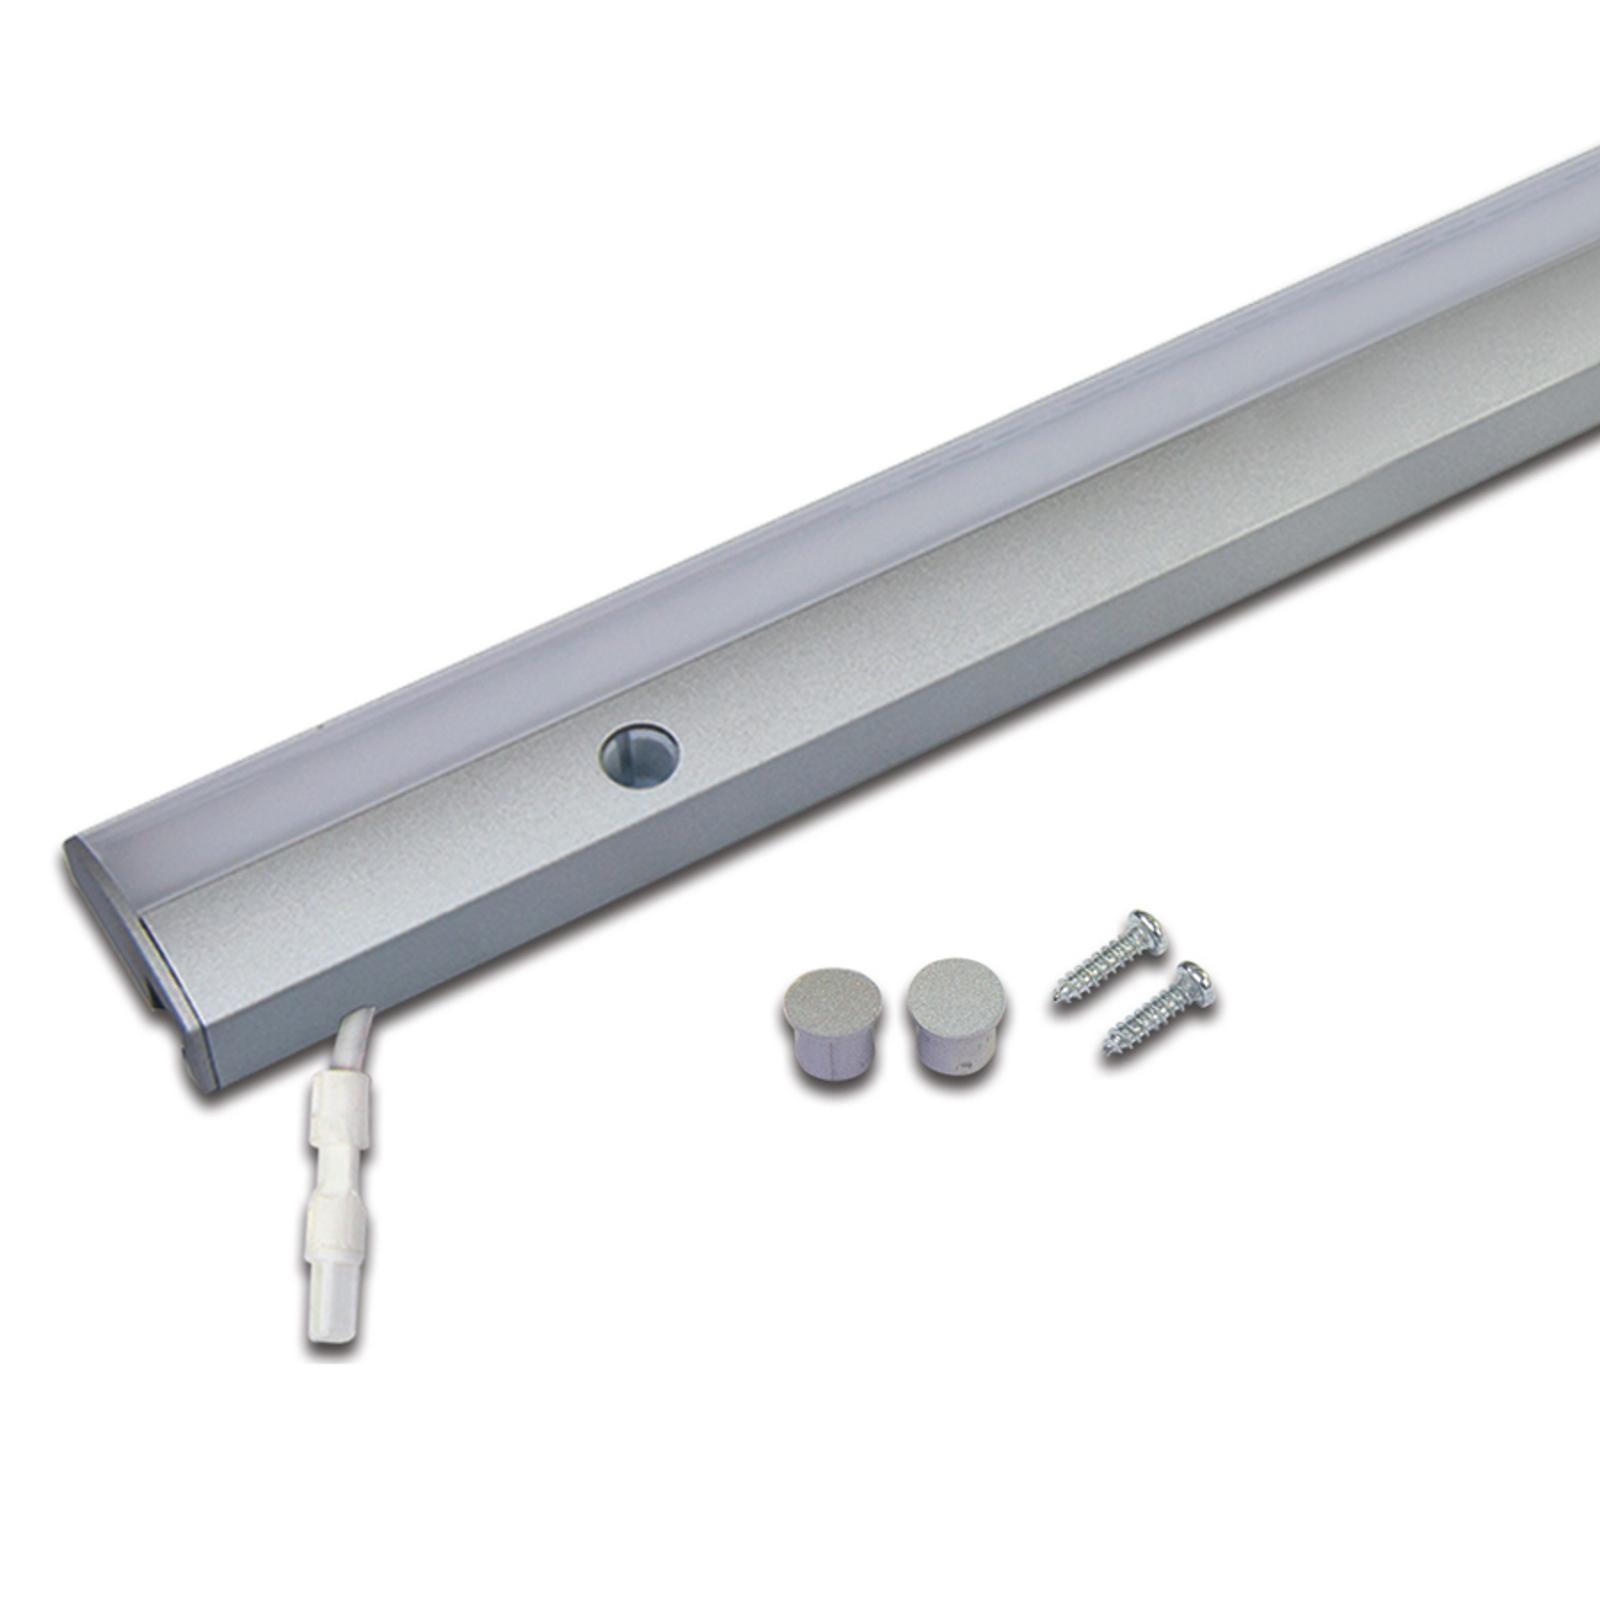 Produktové foto HERA LED ModuLite F - 60 cm dlouhé LED osvětlení linky